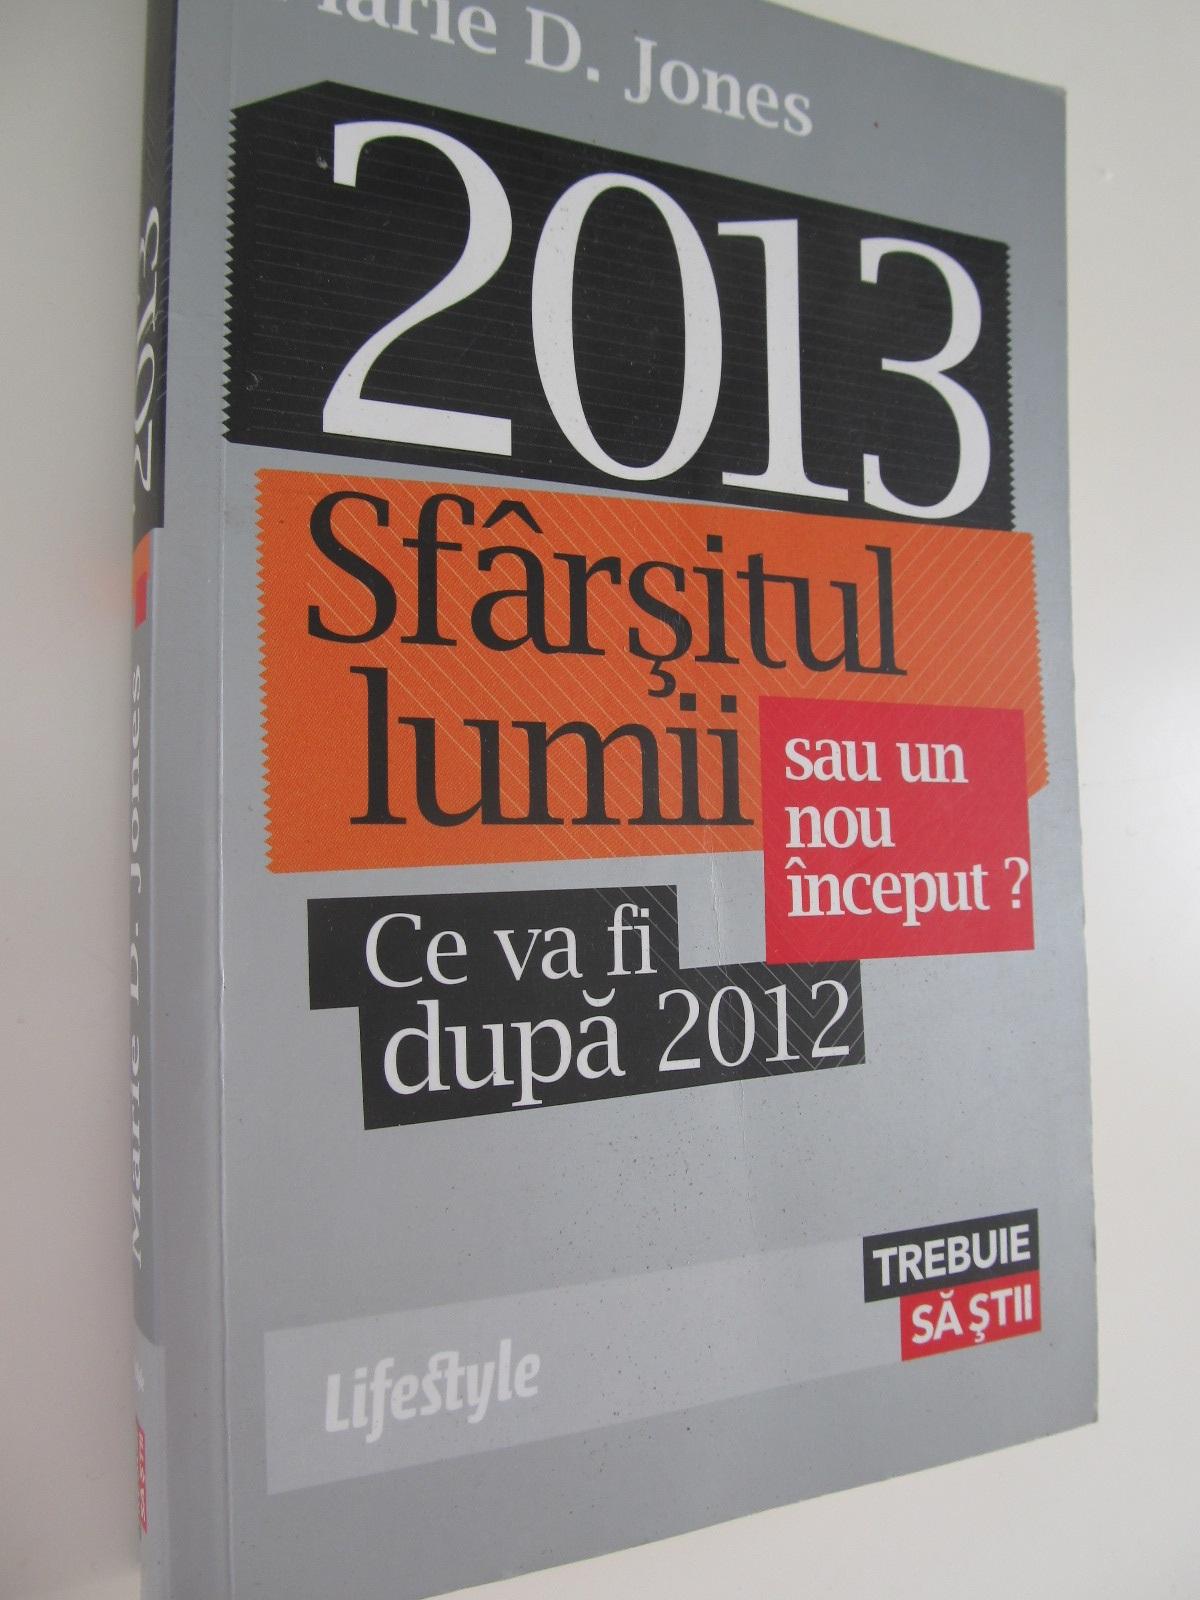 2013 Sfarsitul lumii sau un nou inceput Ce va fi dupa 2012 - Marie D. Jones | Detalii carte